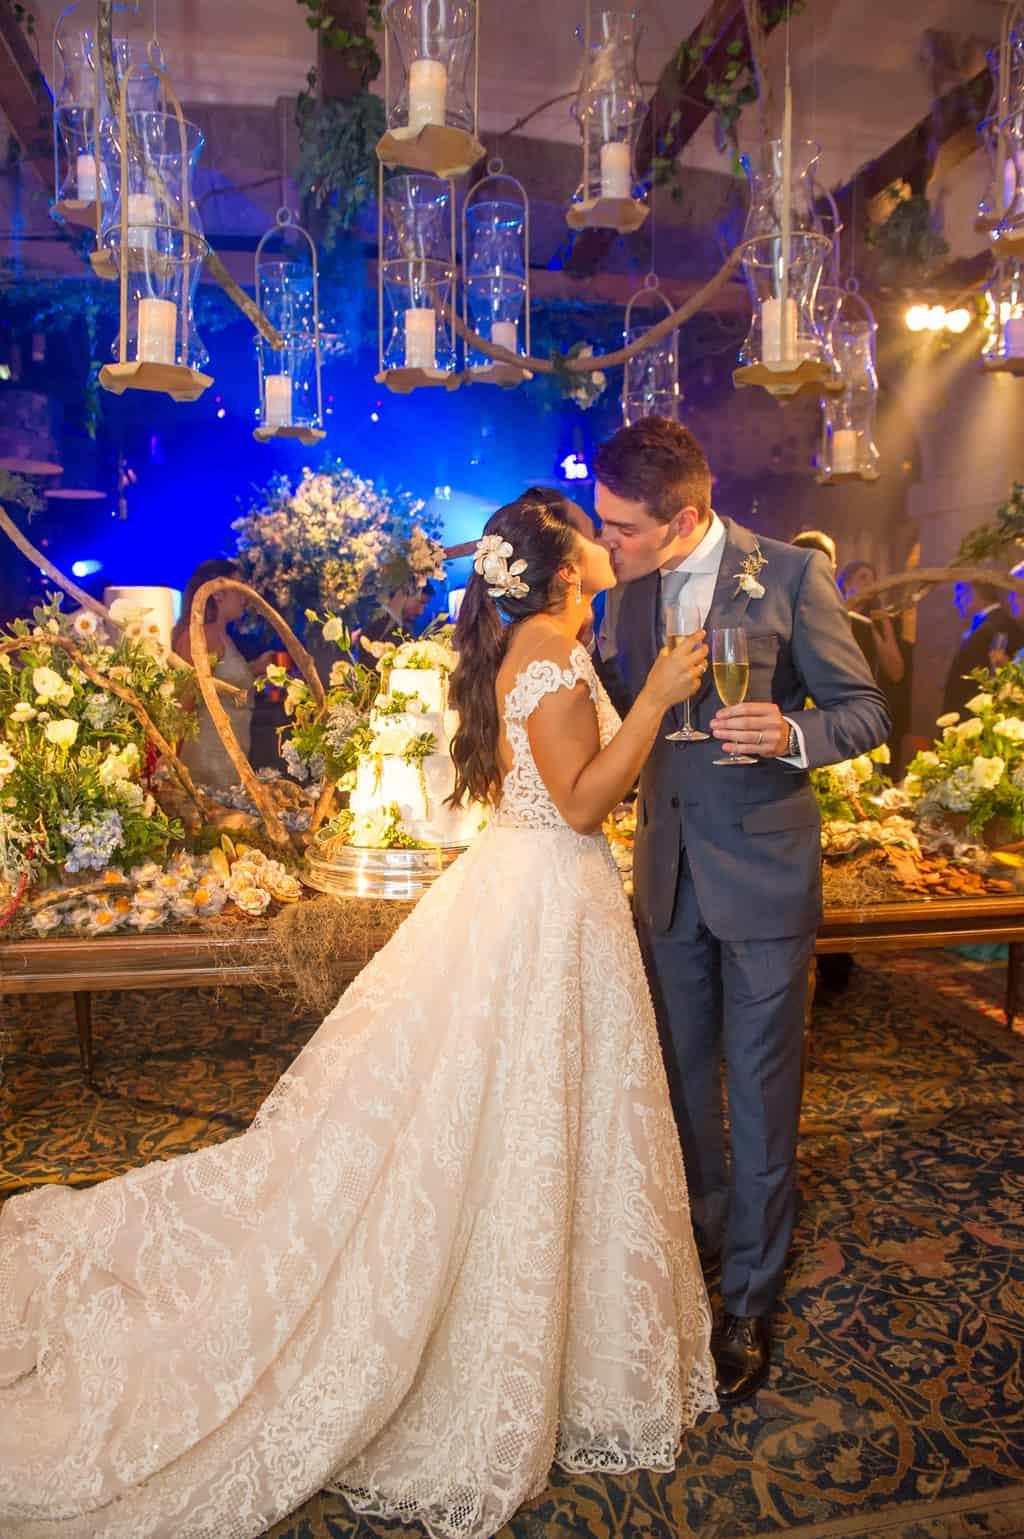 casamenot-Carolina-e-Thiago-casamento-clássico-Rio-de-Janeiro-Fotografia-Marina-Fava11